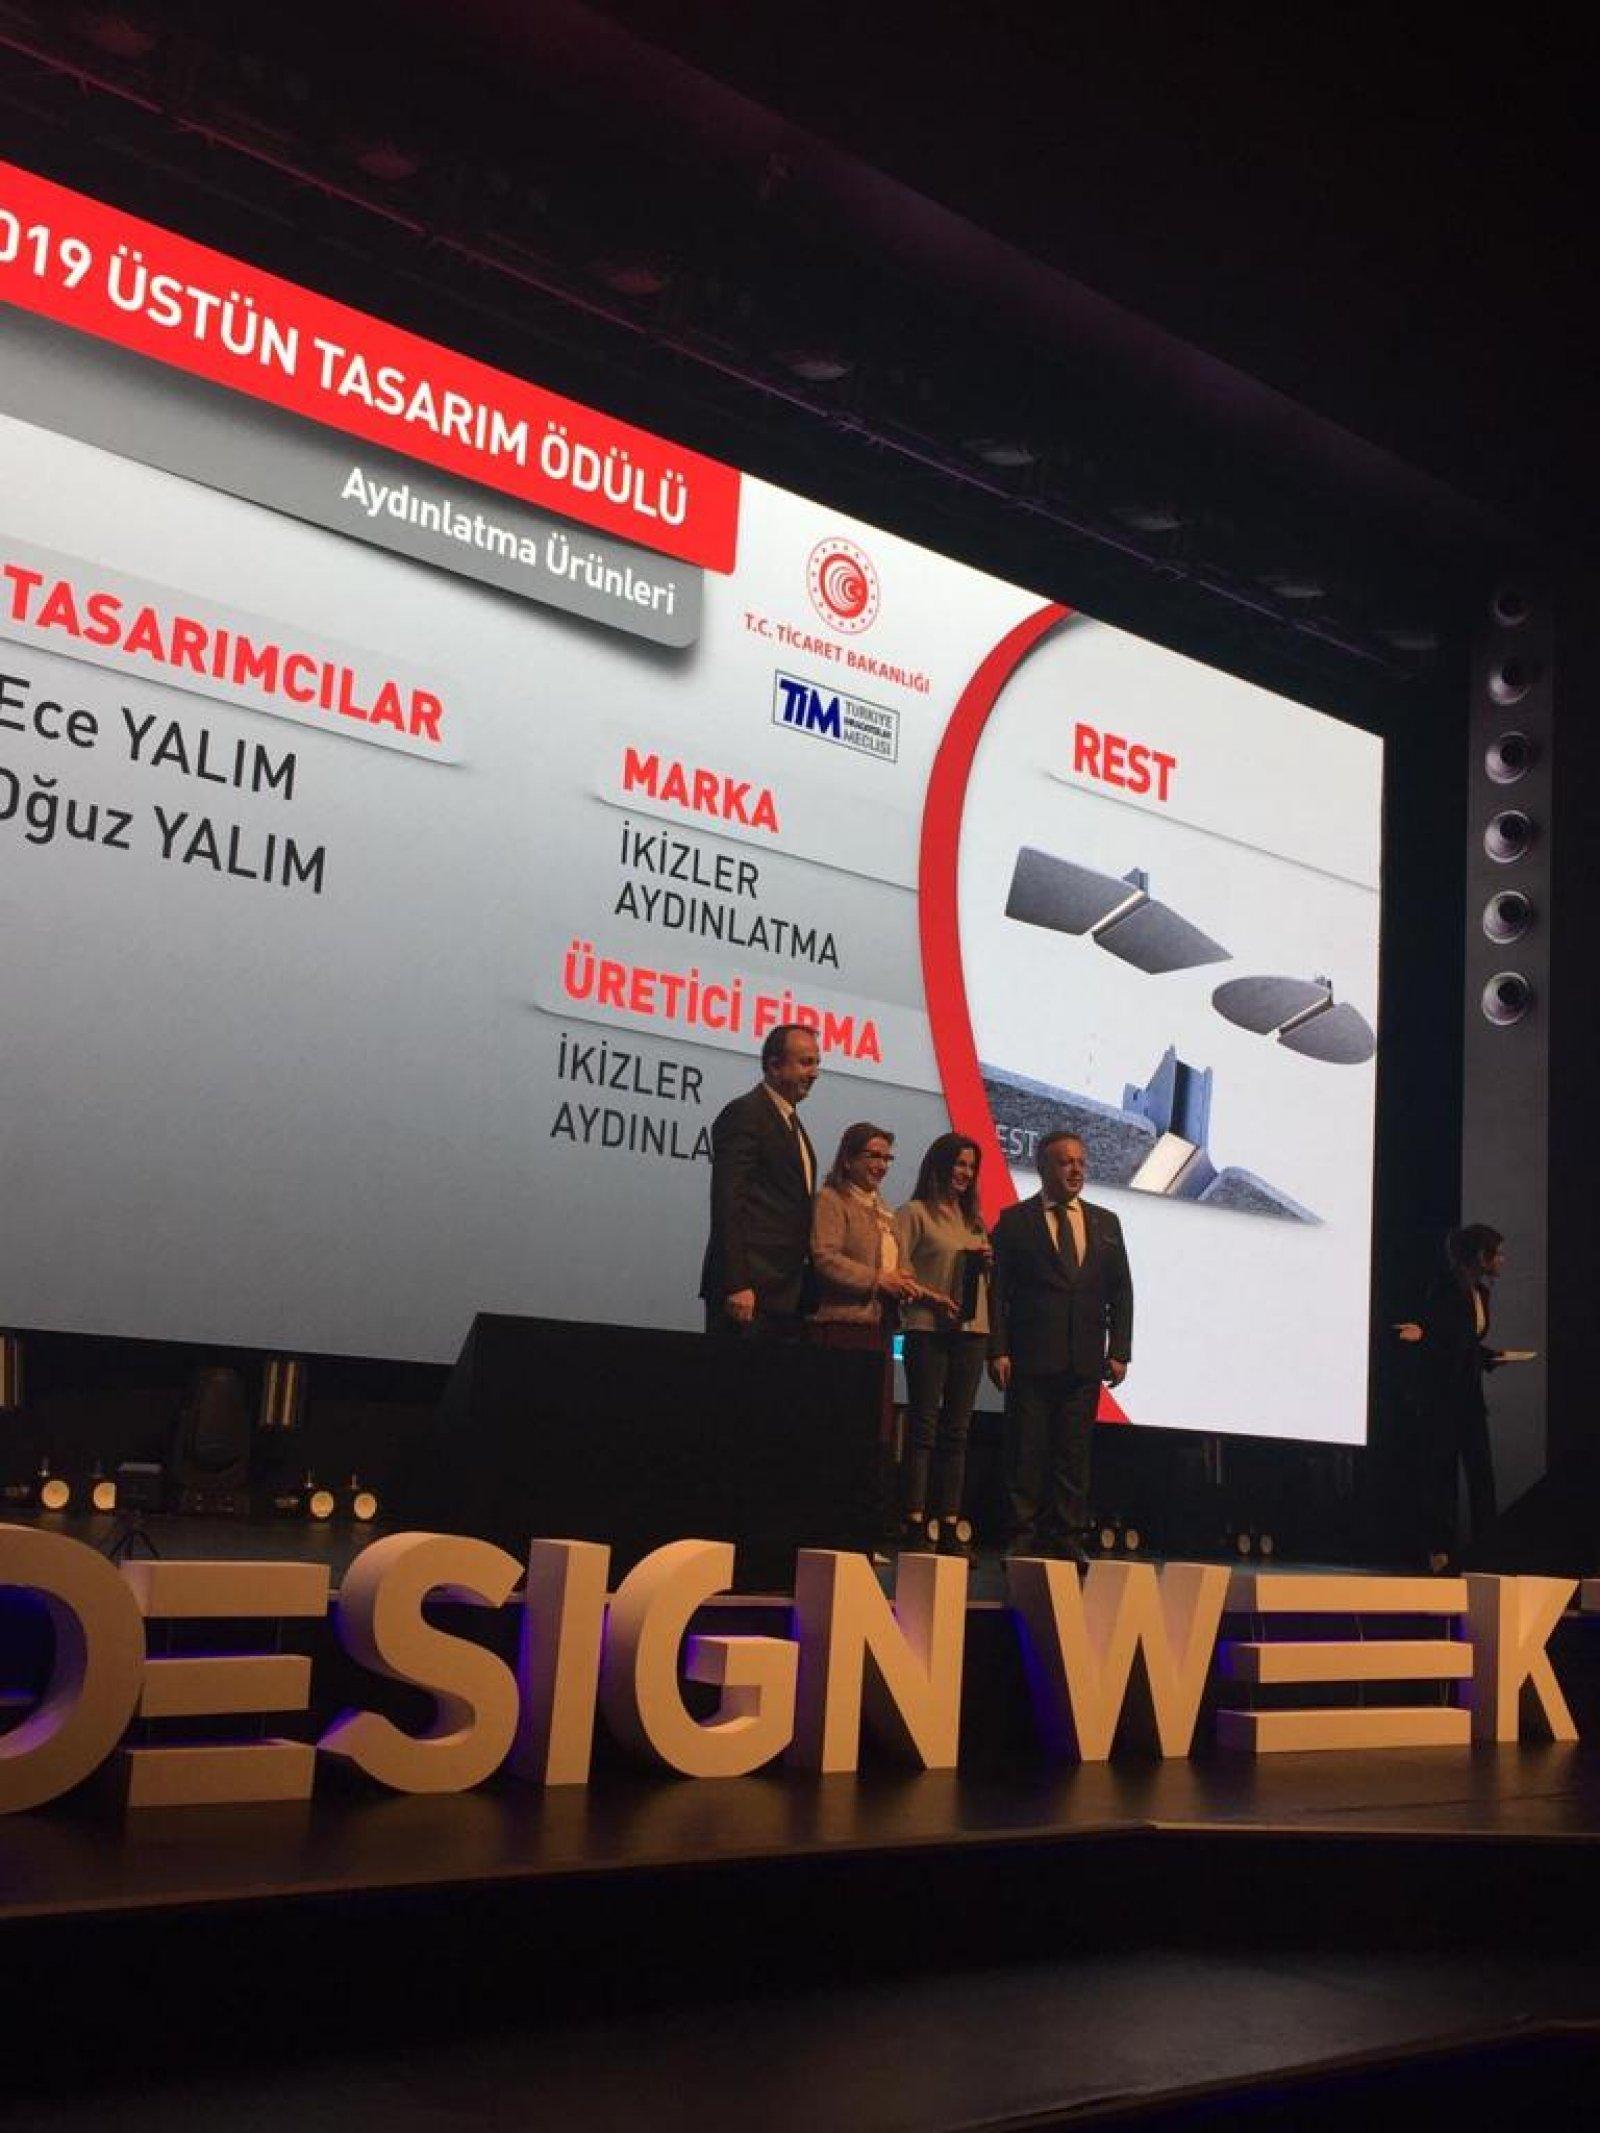 Rest -R Üstün Tasarım Ödülü